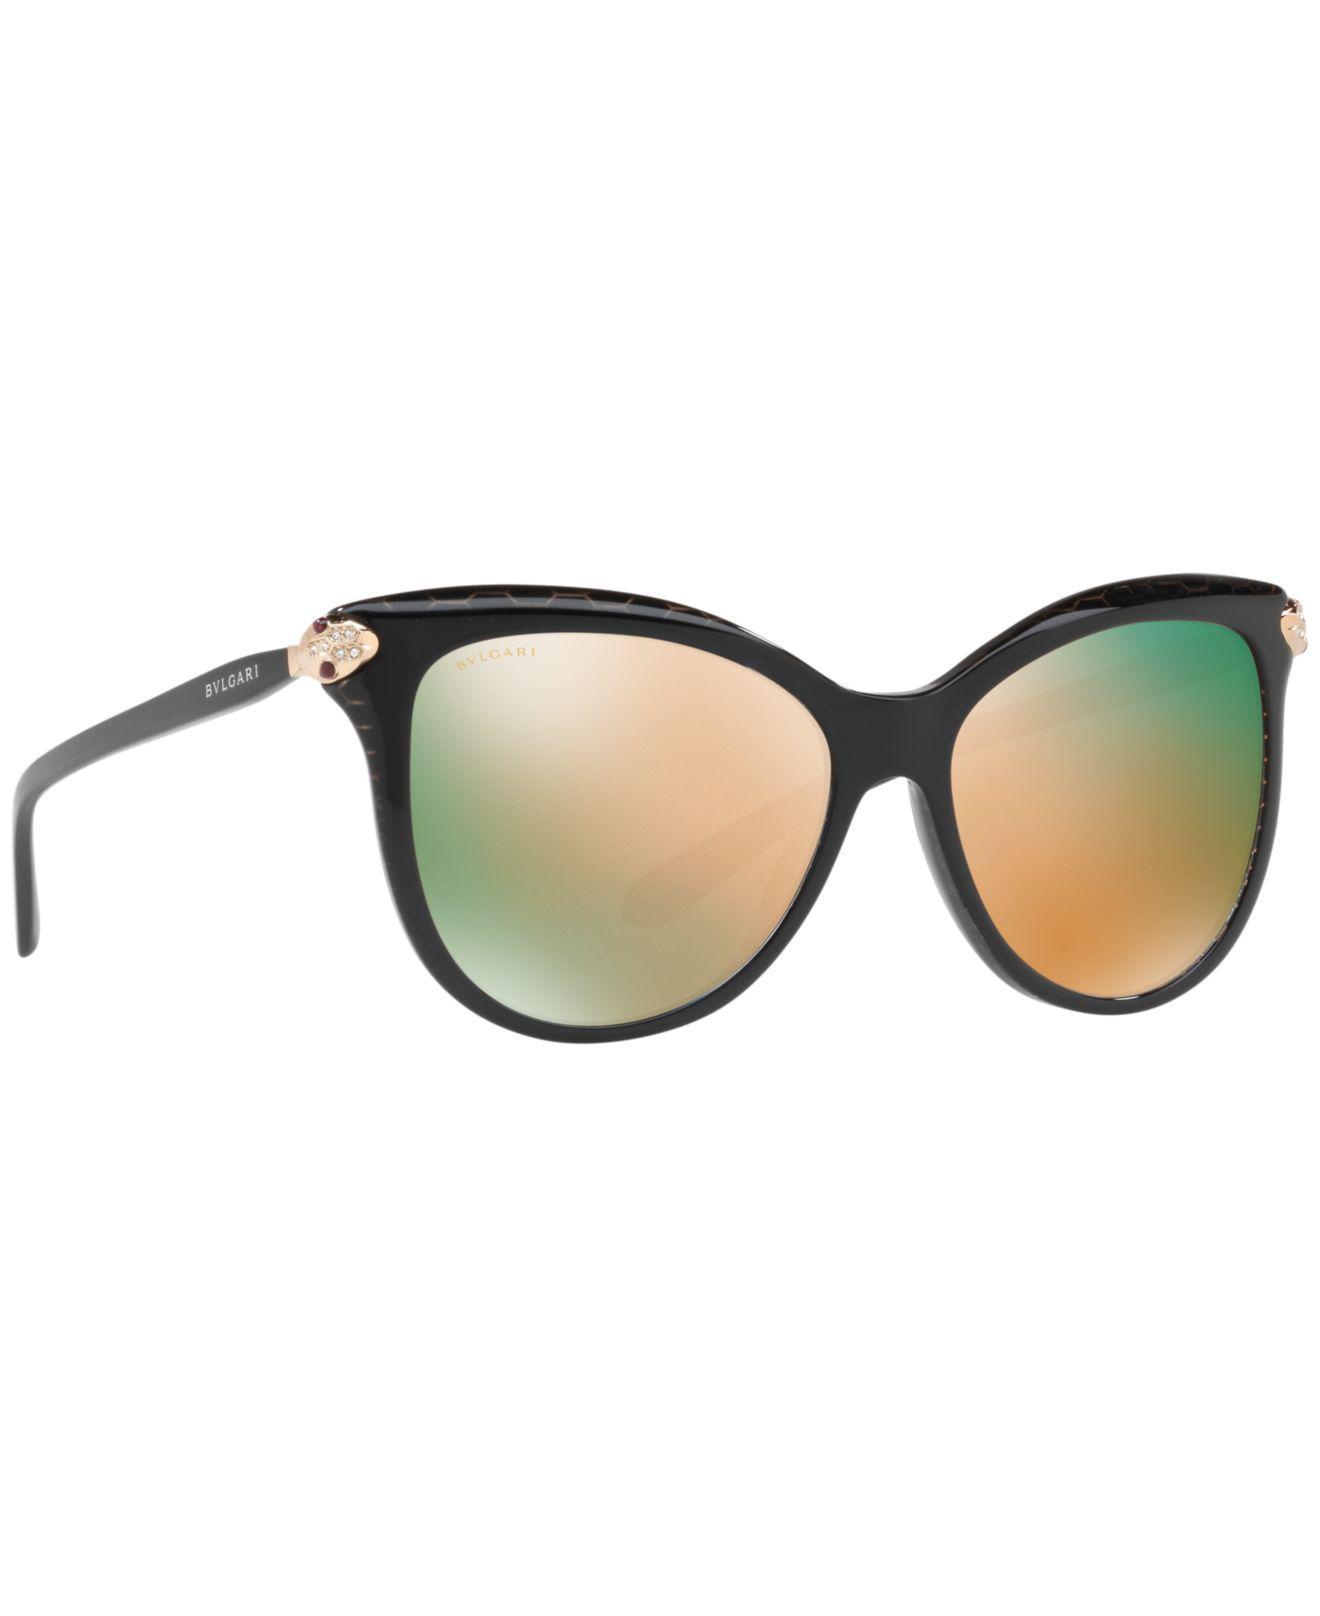 da58ecb4a8a84 Lyst - BVLGARI Serpenti Mirrored Iridescent Square Sunglasses in Black